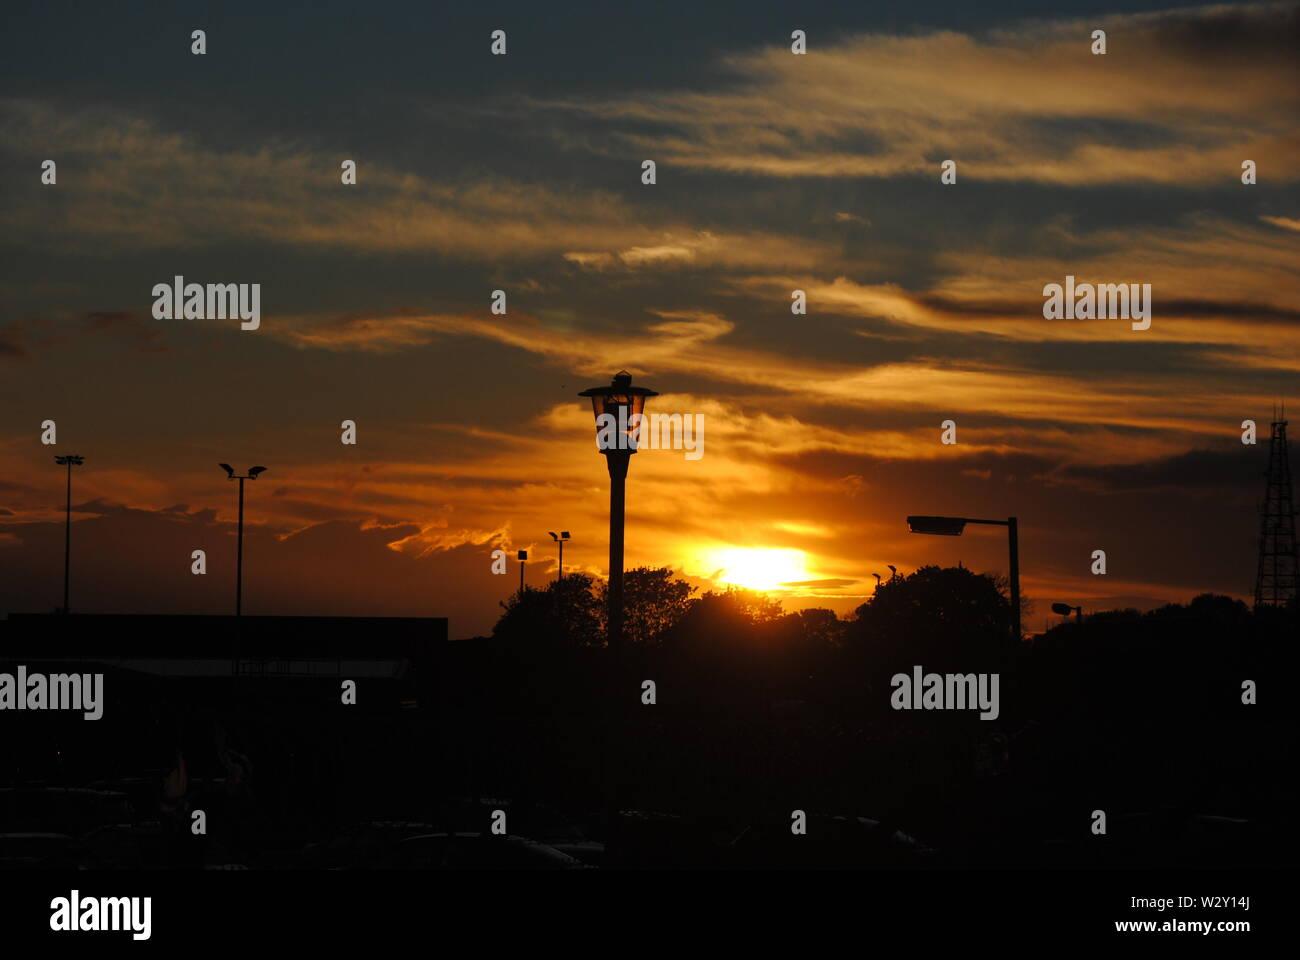 Secuencia de imágenes oa atardecer en la base aérea de mildenhall Foto de stock